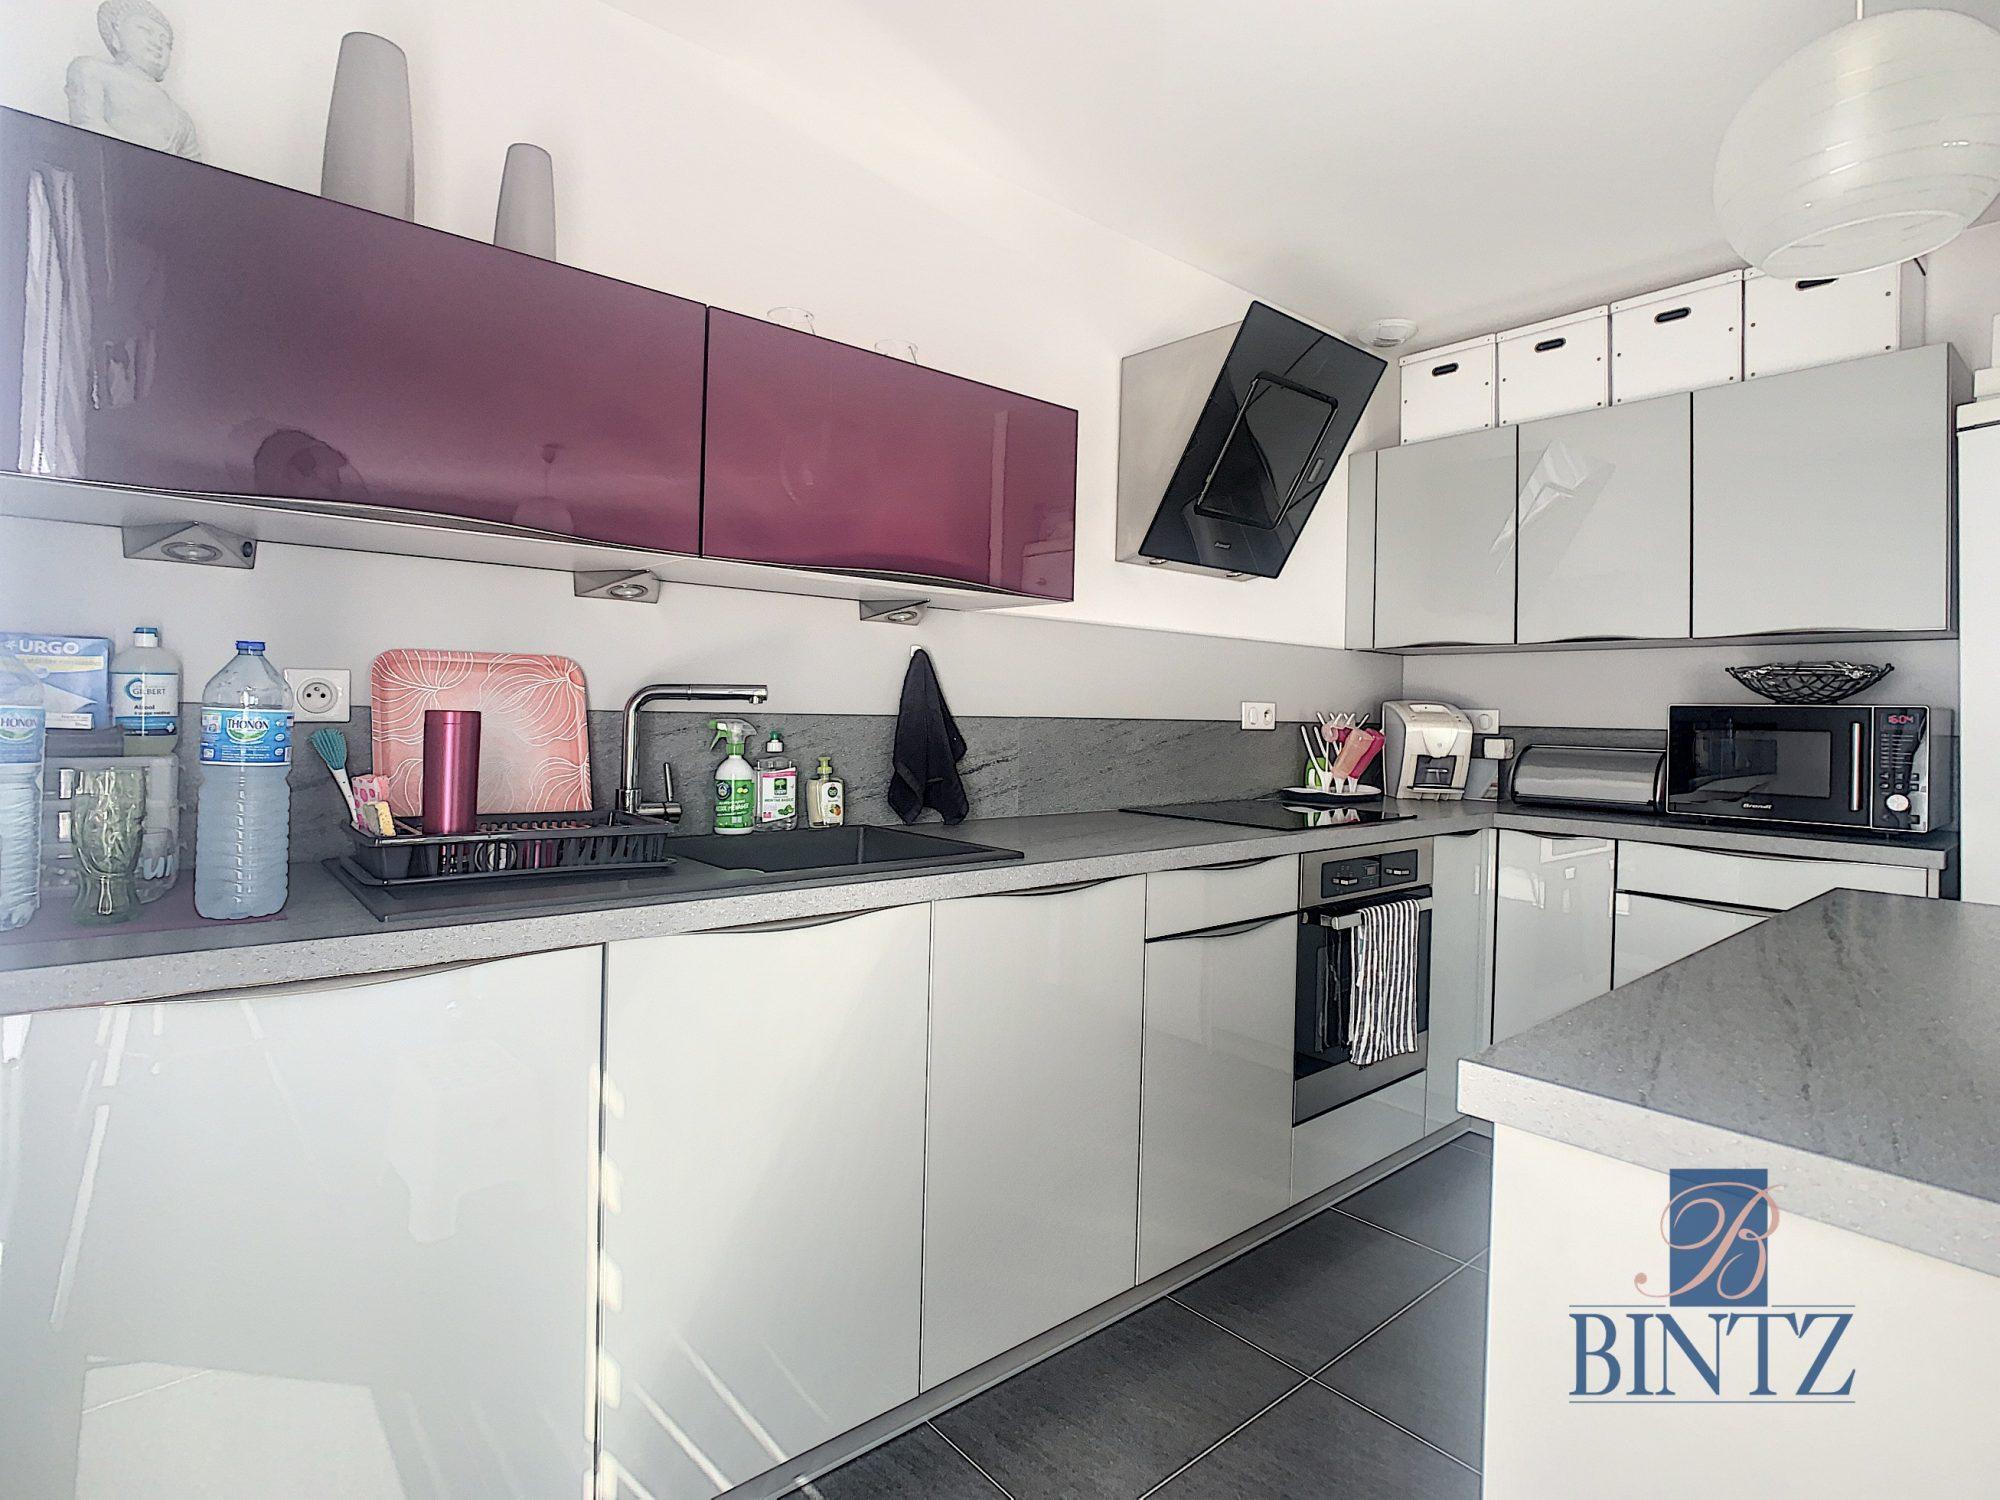 Appartement 4 pièces Duplex rez-de-jardin - Devenez propriétaire en toute confiance - Bintz Immobilier - 9